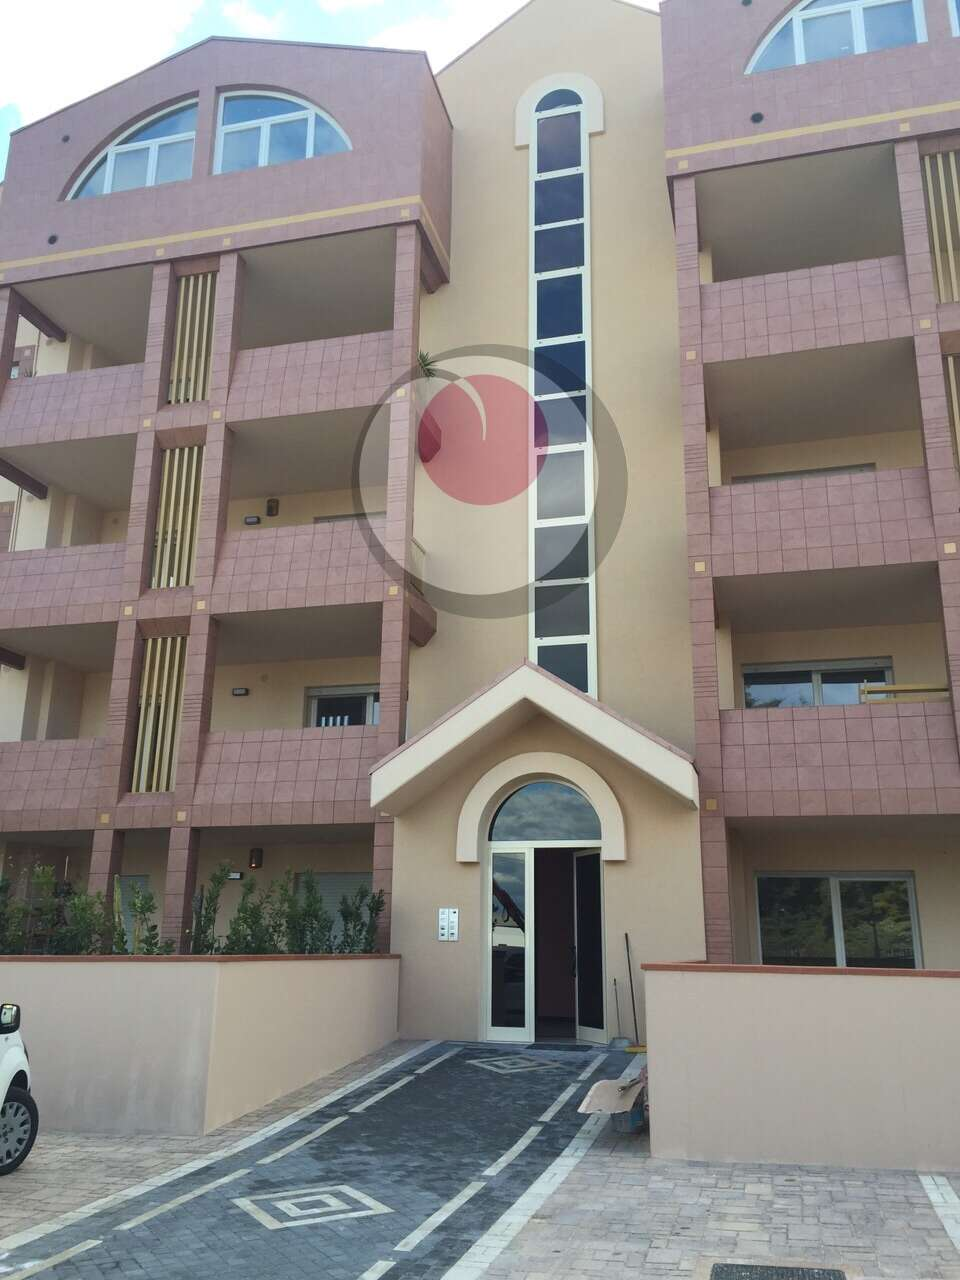 Appartamento in vendita a lanciano via santo spirito nuova costruzione luminoso cucina abitabile - Agenzie immobiliari lanciano ...